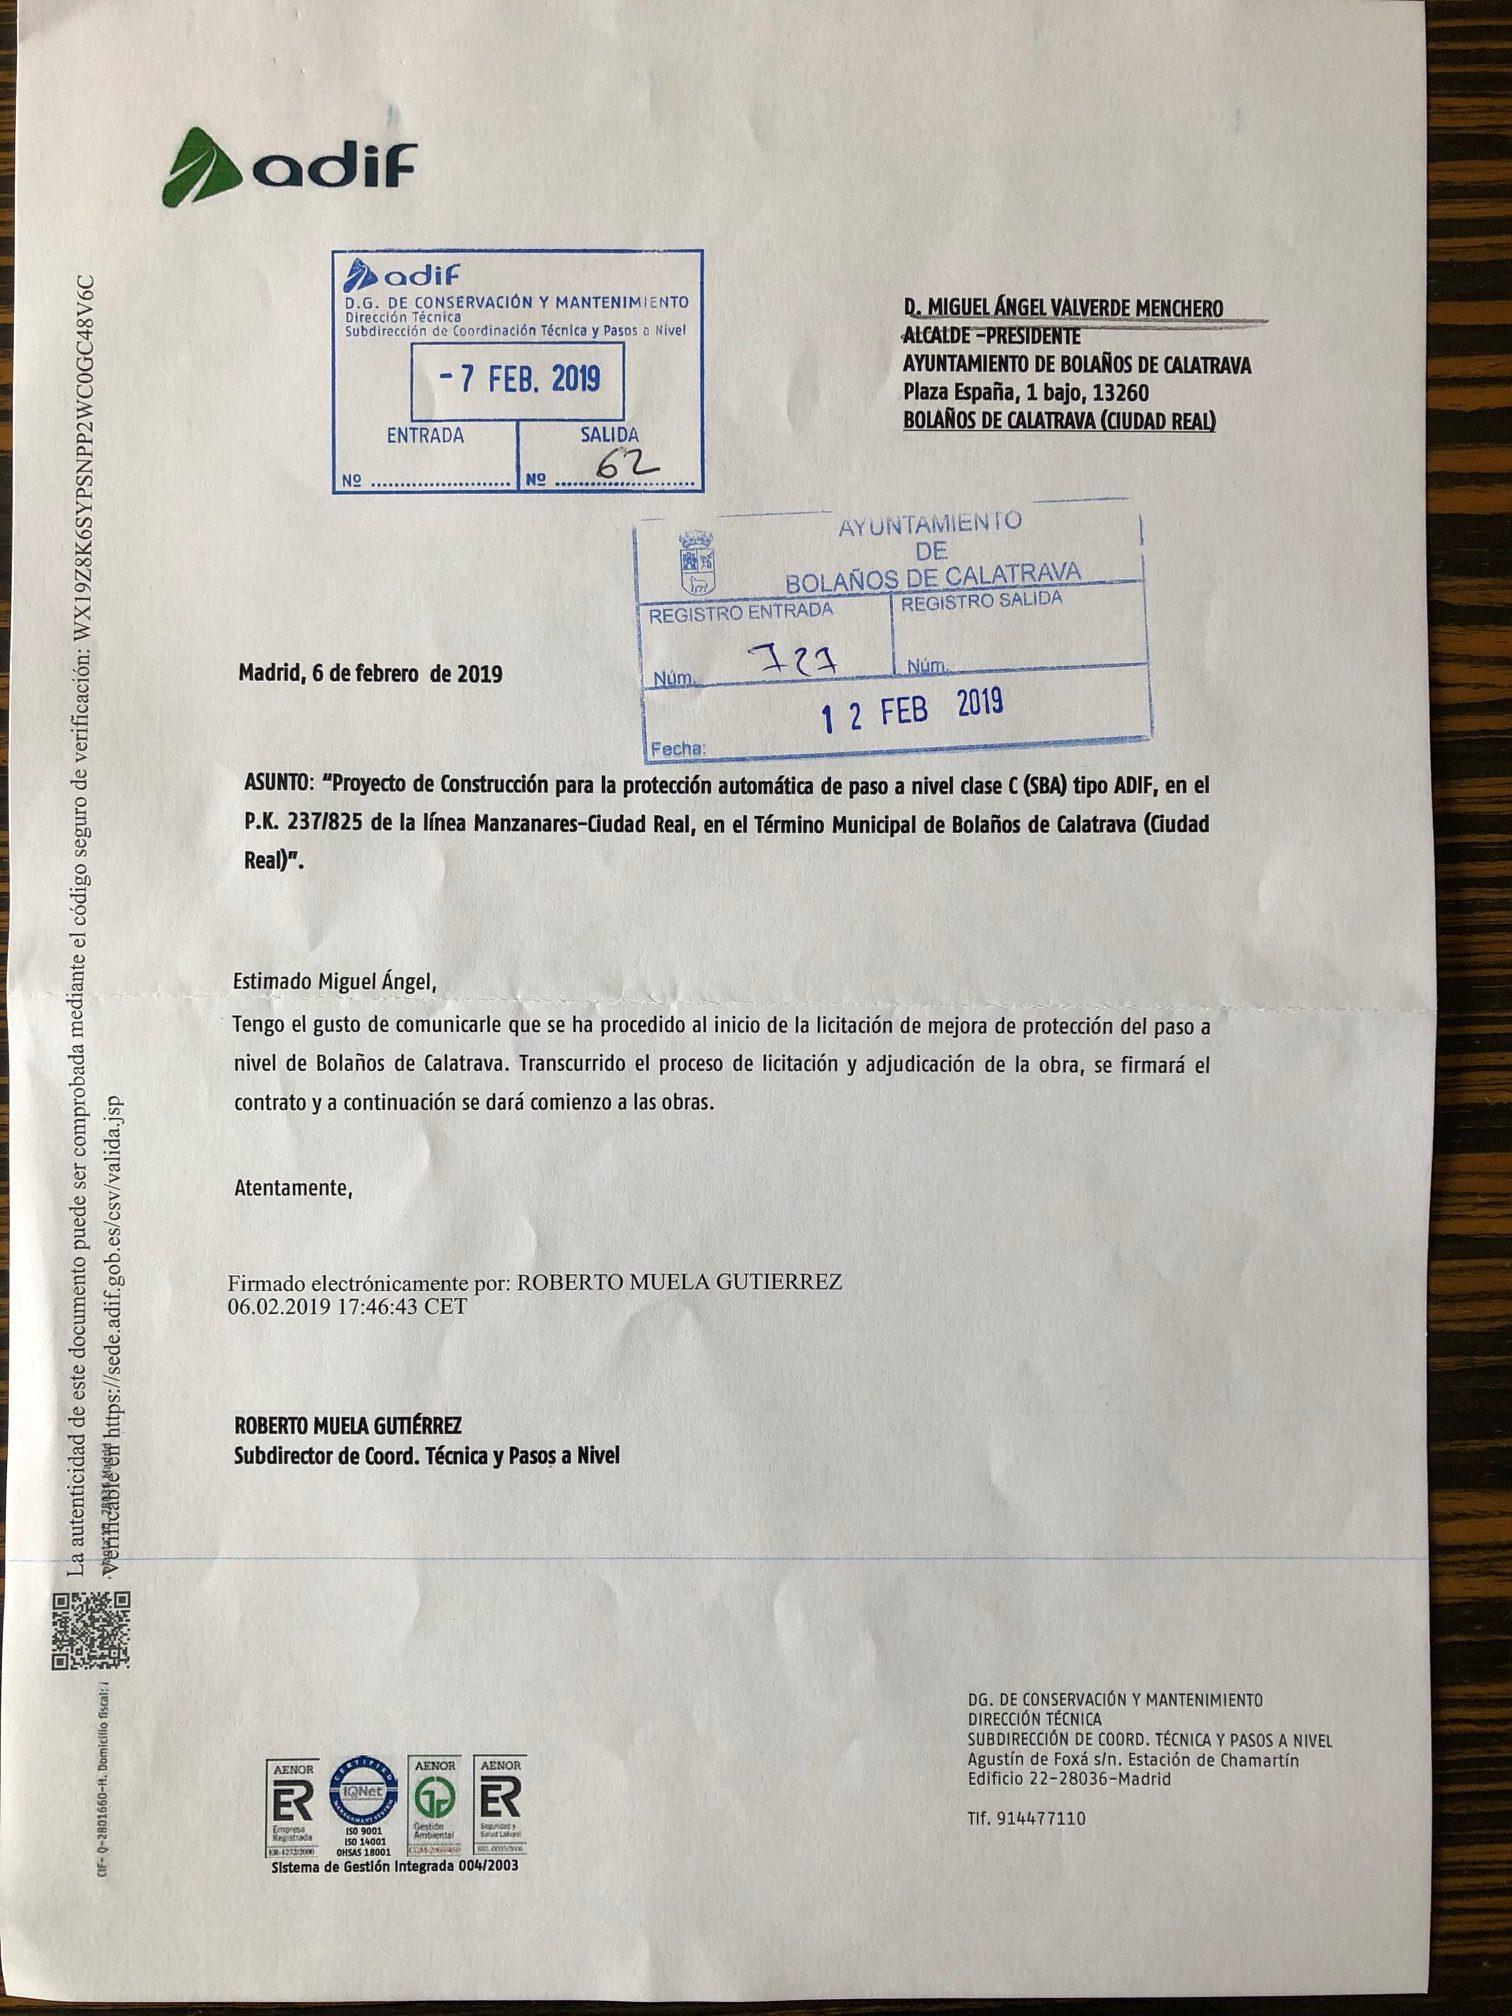 ADIF COMUNICA LA LICITACIÓN DE LAS OBRAS DE SU PASO A NIVEL